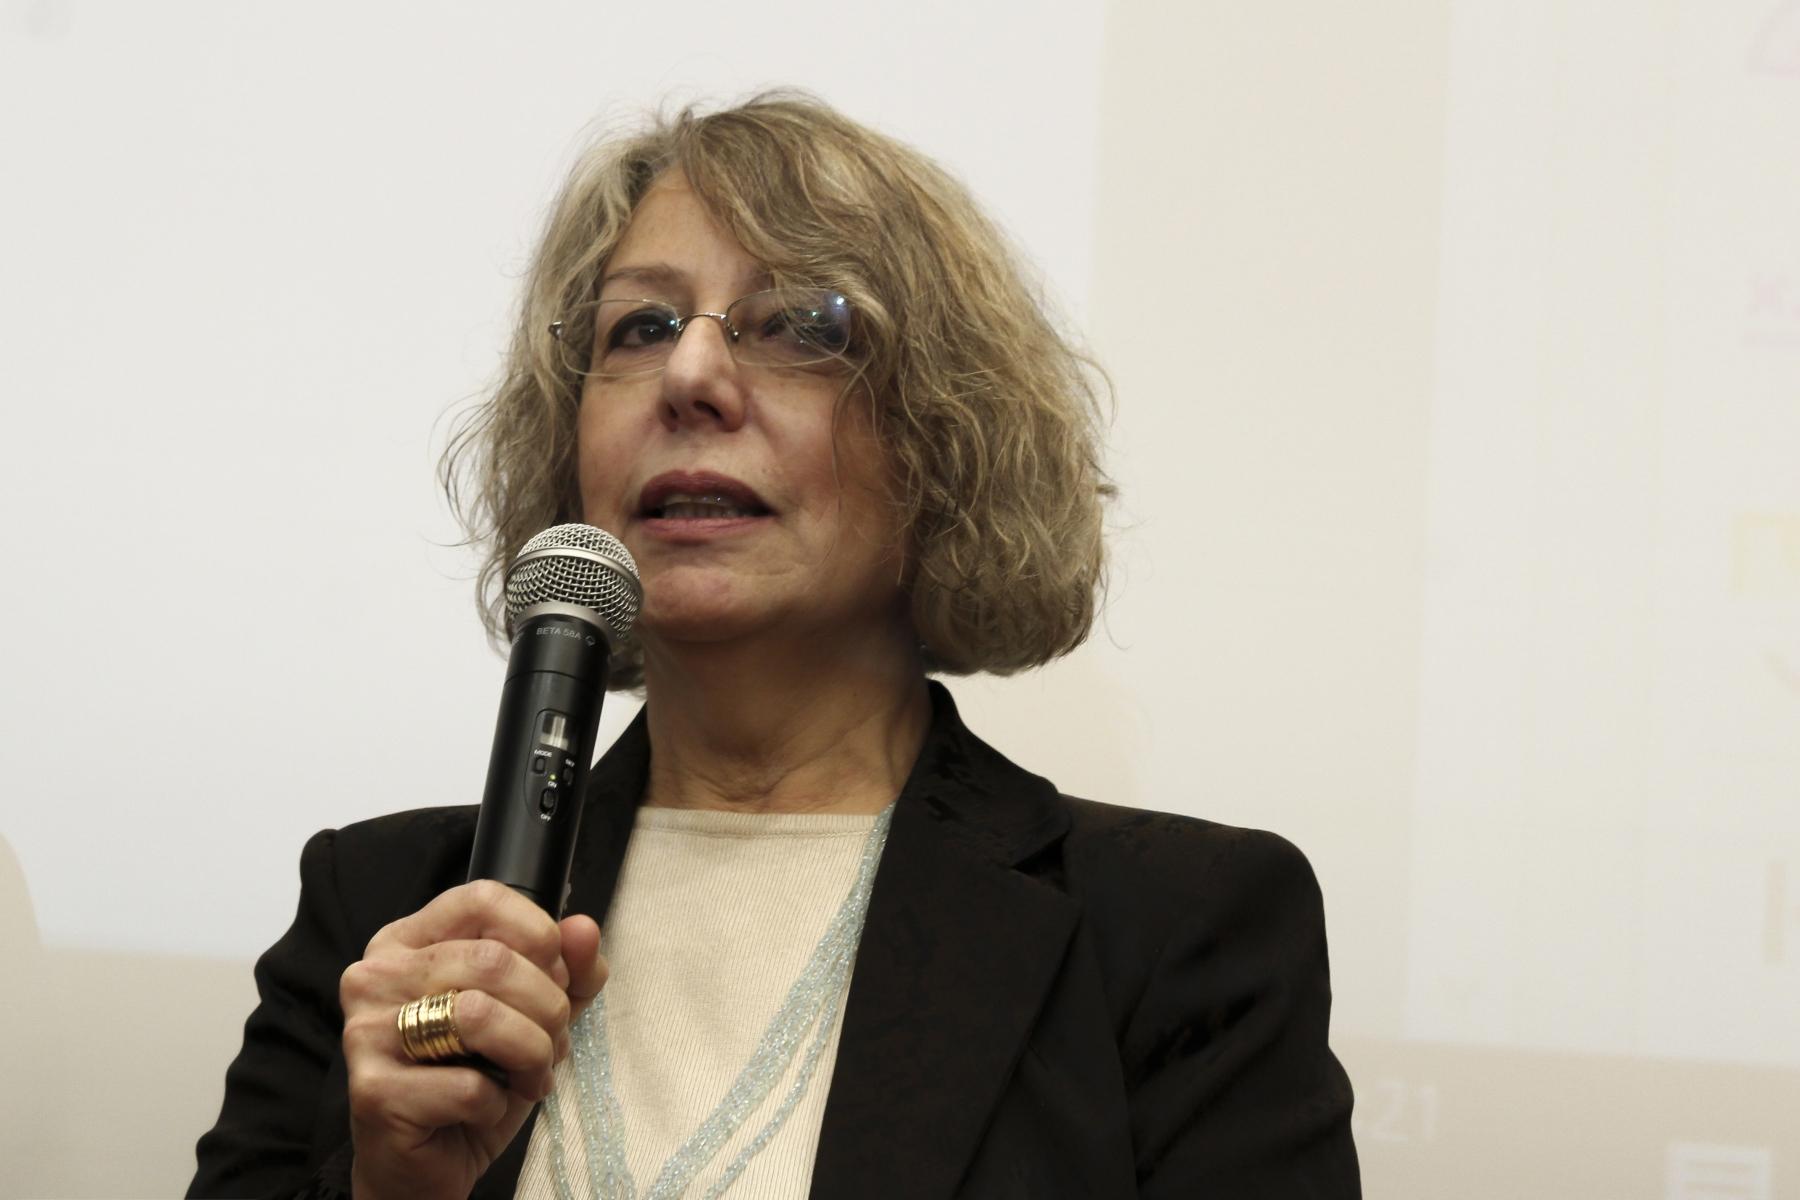 Donatella Tedeschi